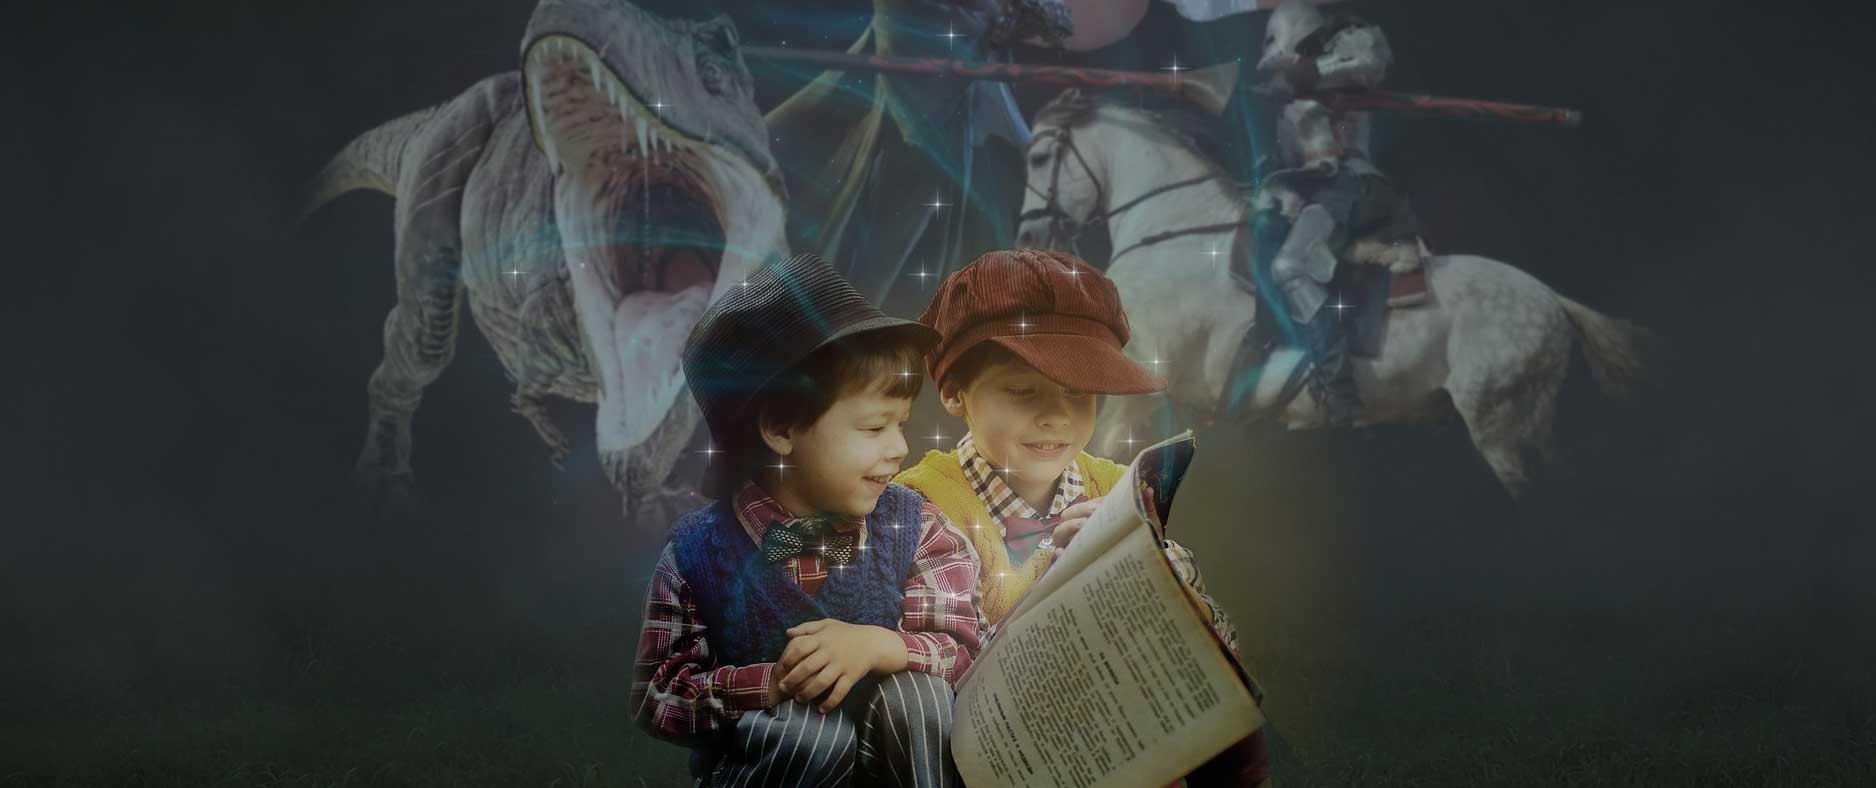 גרין קווין - חנות מתנות: ספרי ילדים, ספרים לפעוטות או ספרים מעוררי השראה